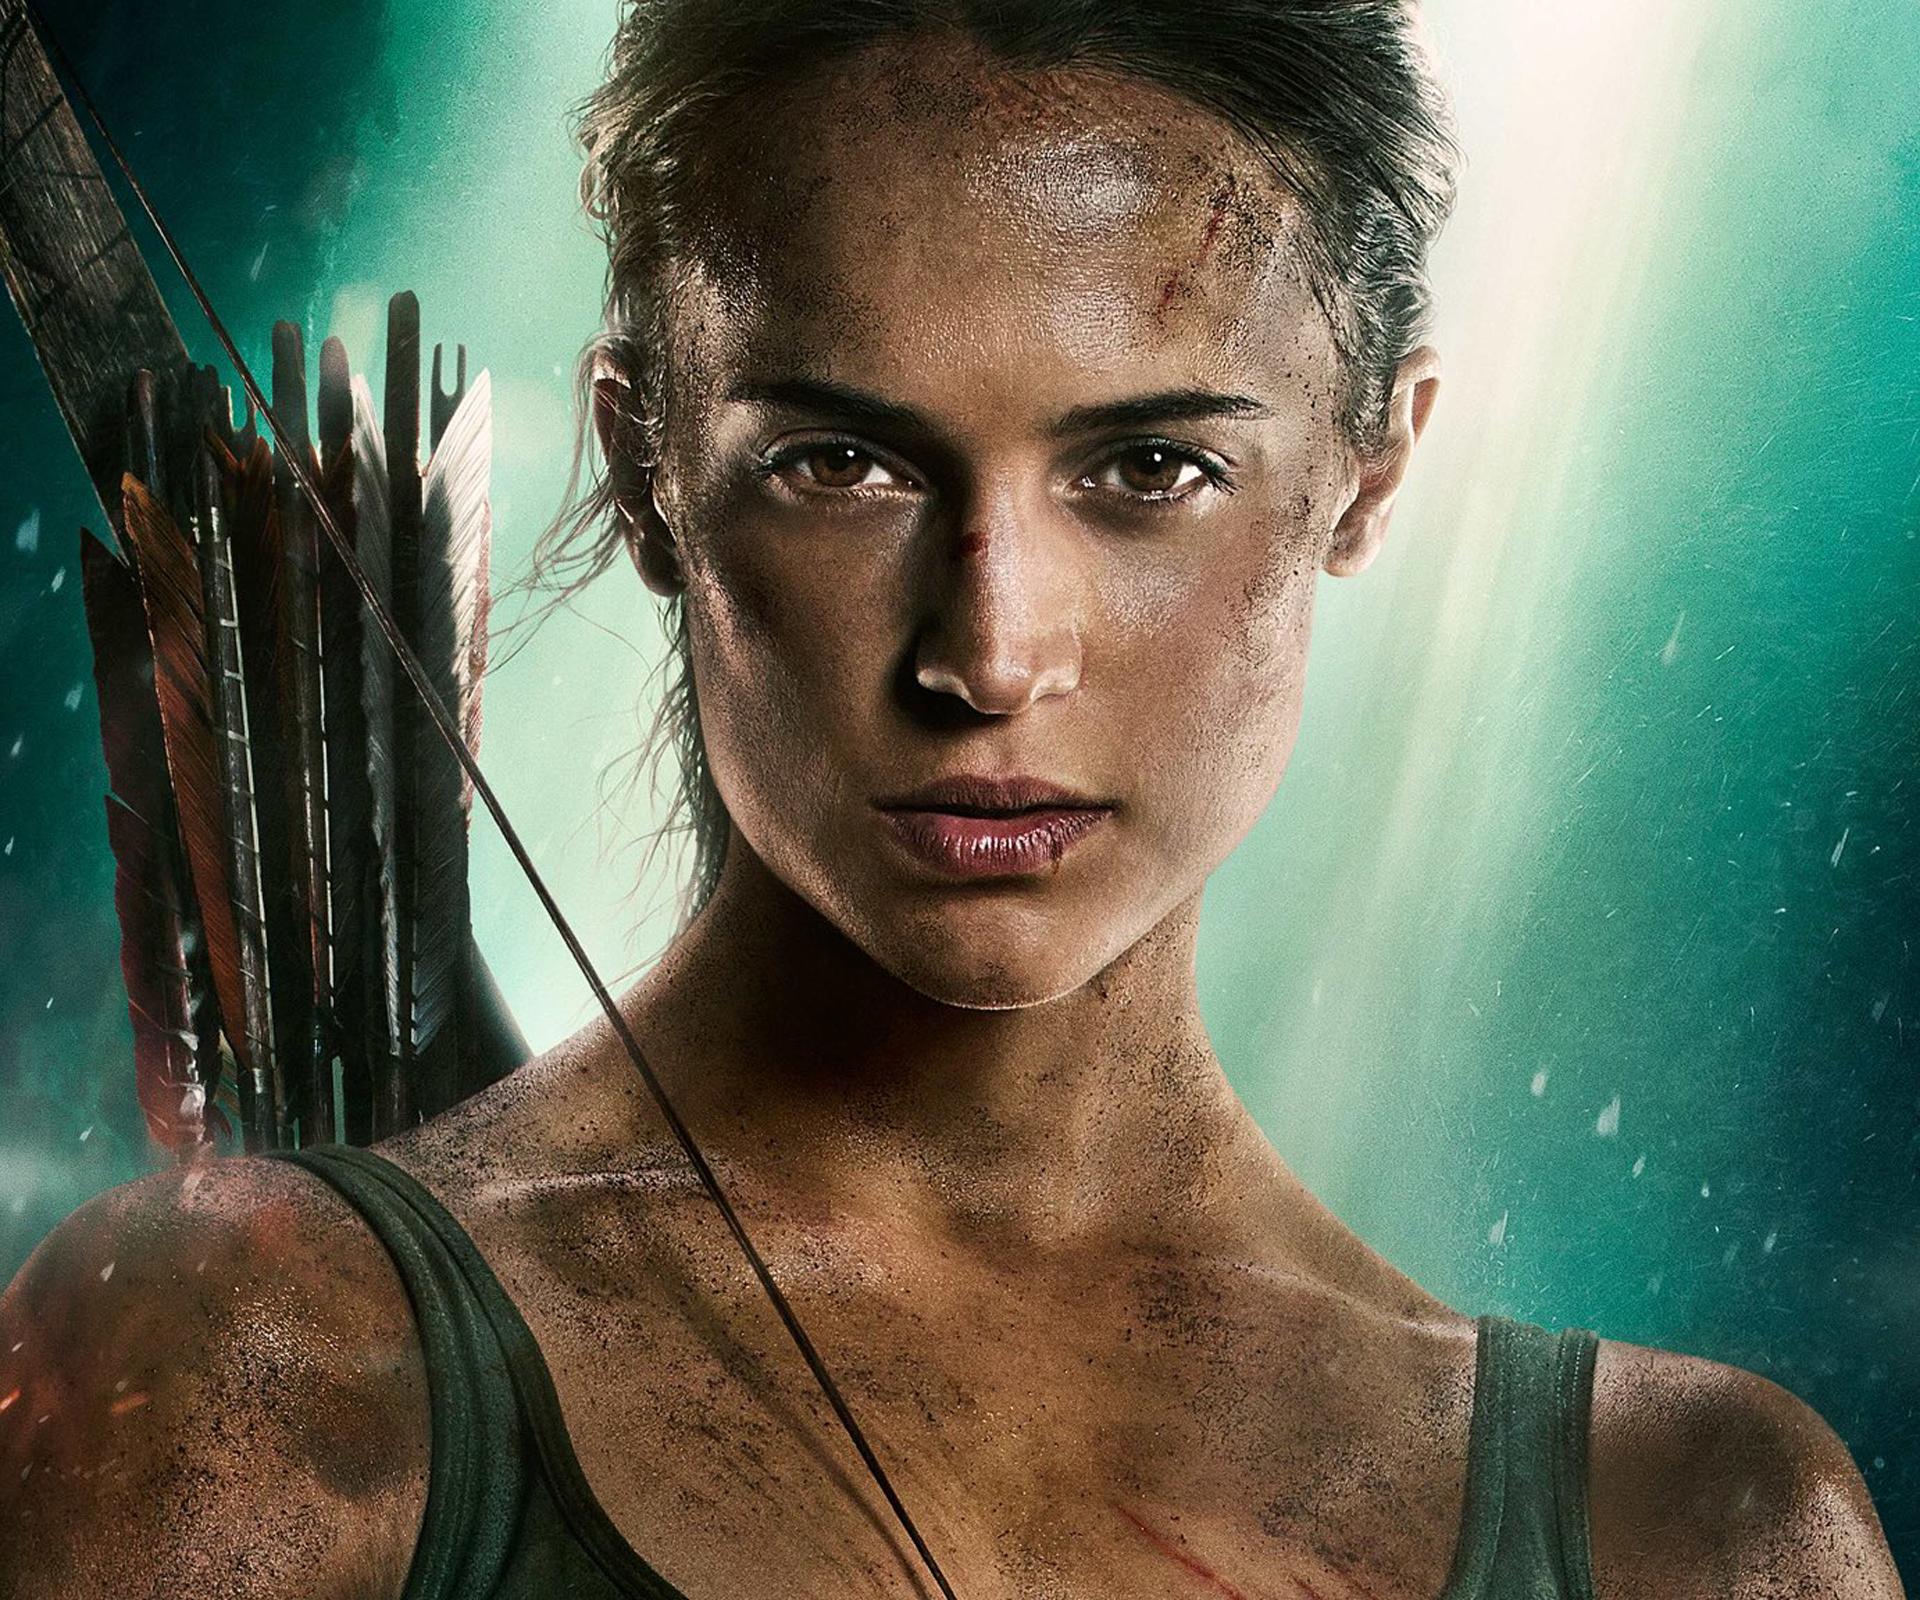 Tomb Rider Wallpaper: Alicia Vikander Tomb Raider 2018 HD, HD Movies, 4k